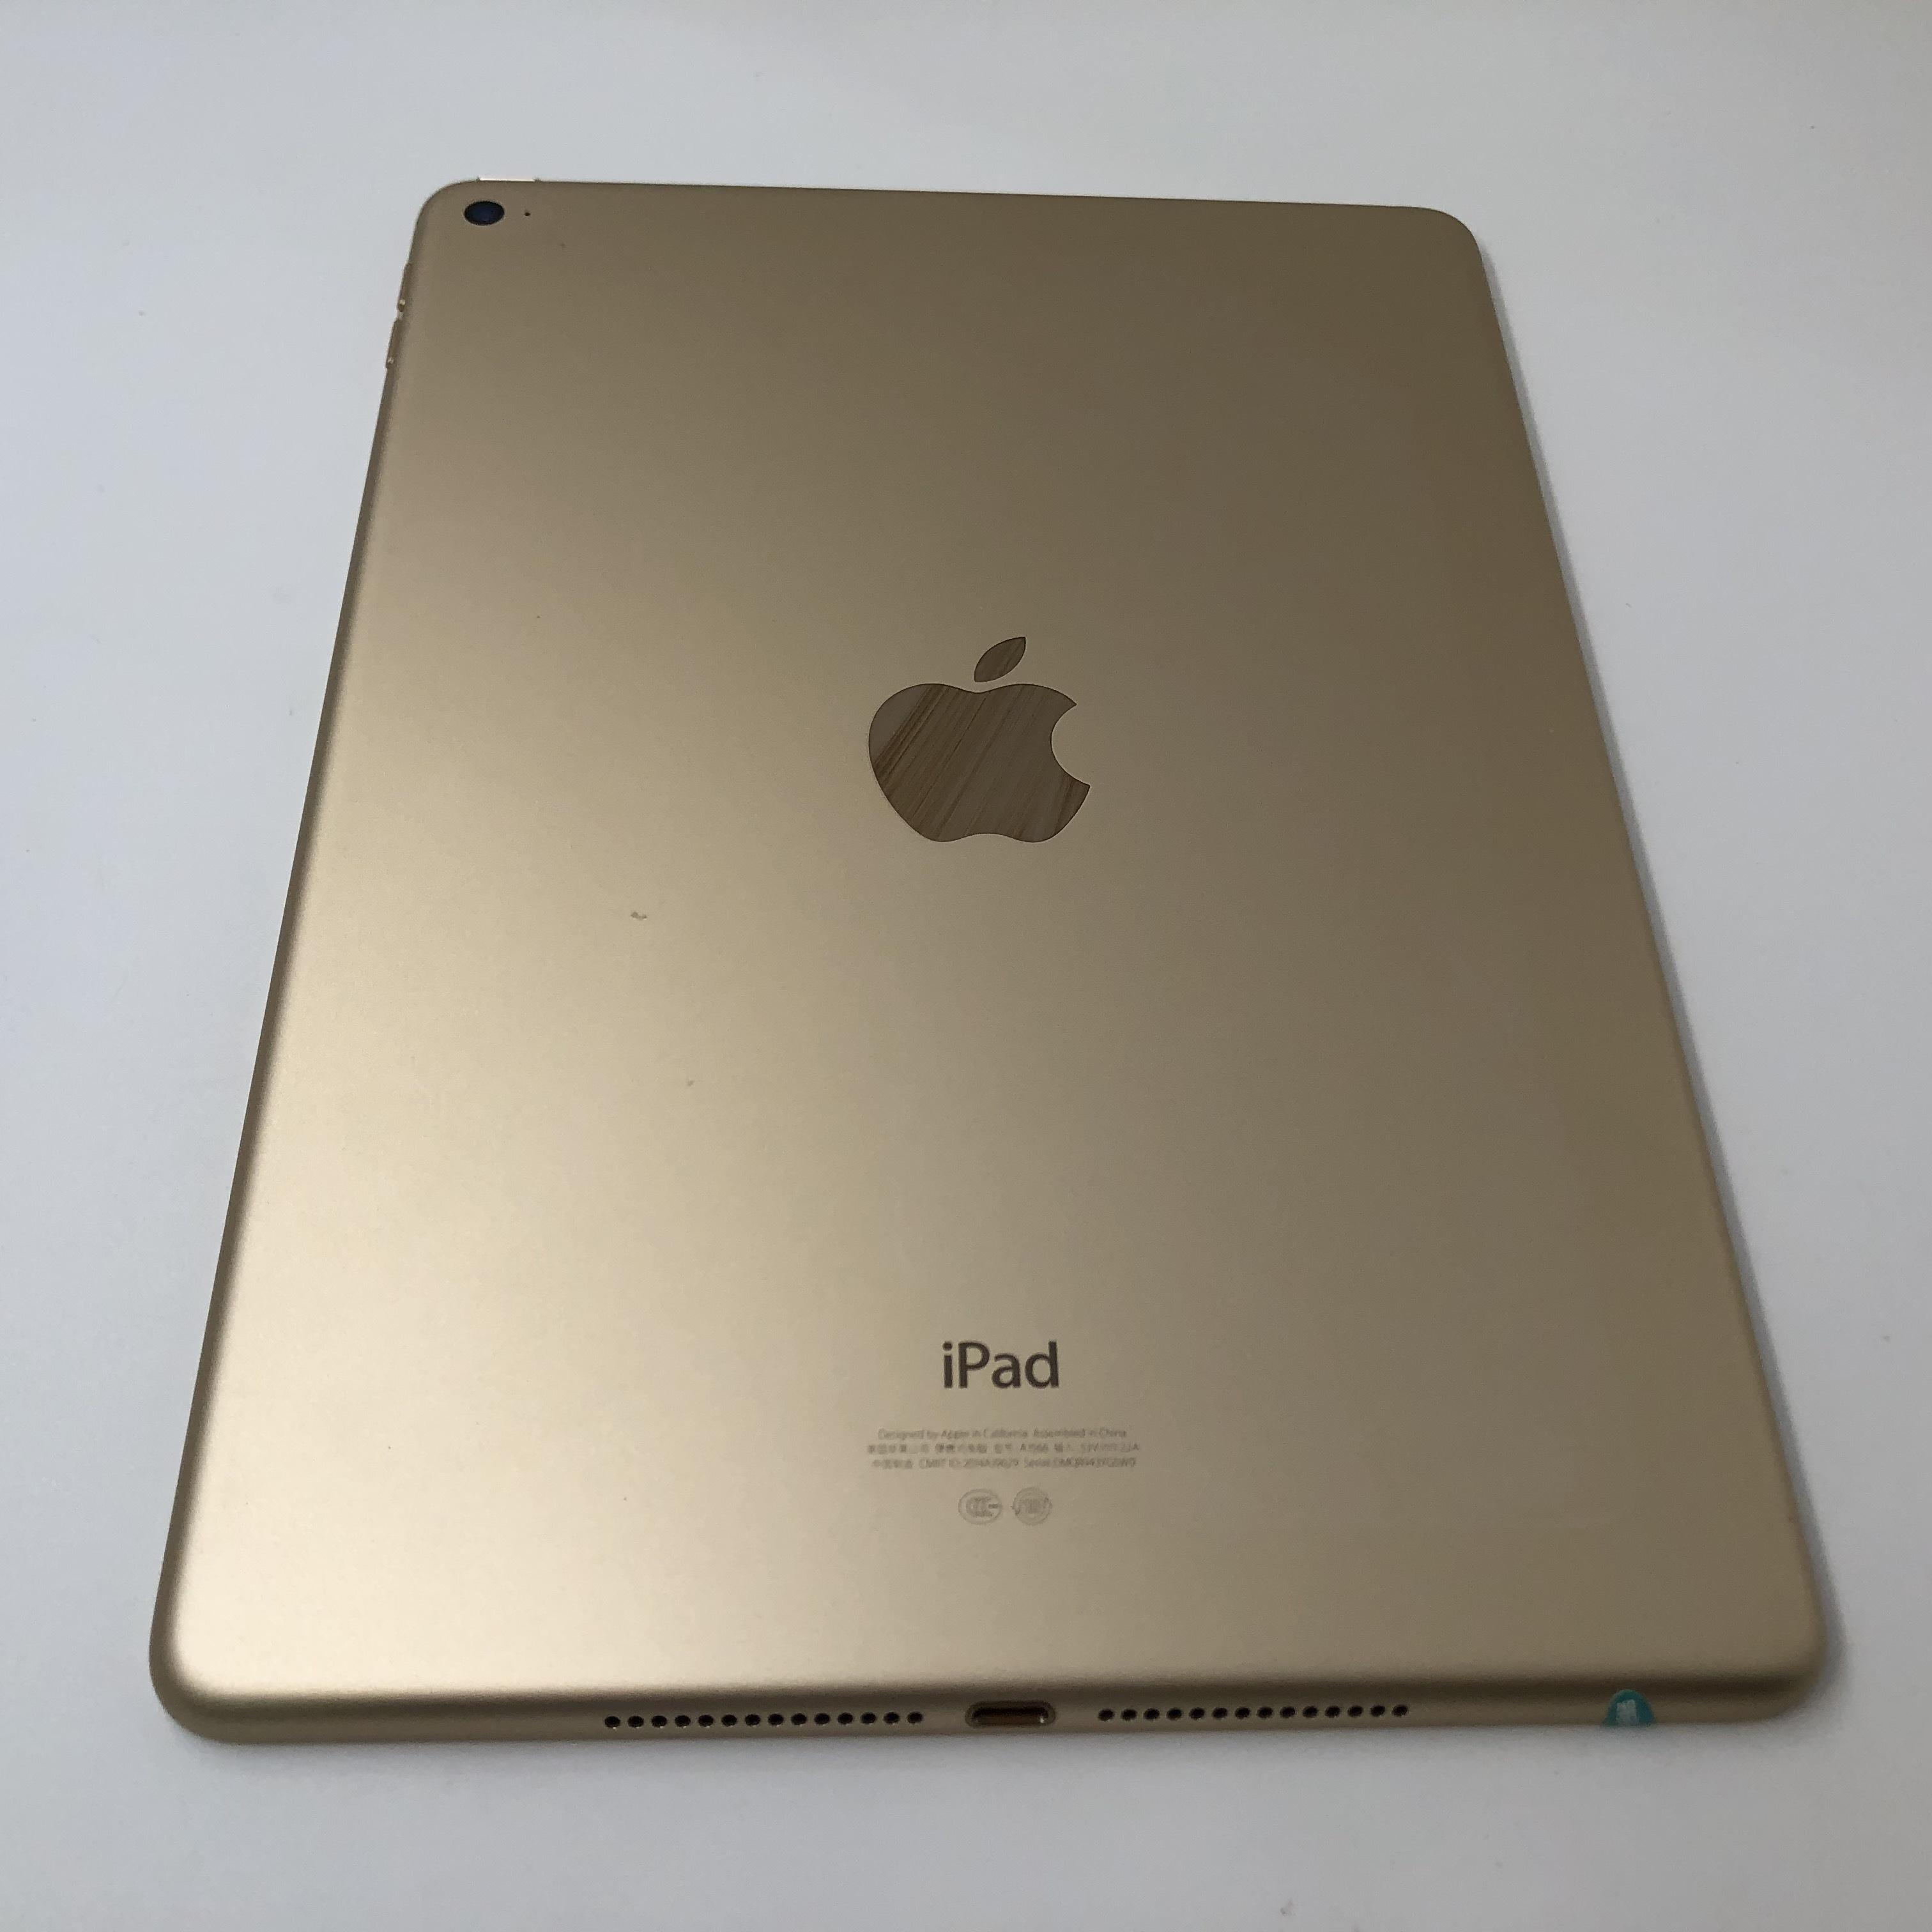 苹果【iPad Air 2】WIFI版 金色 64G 国行 95新